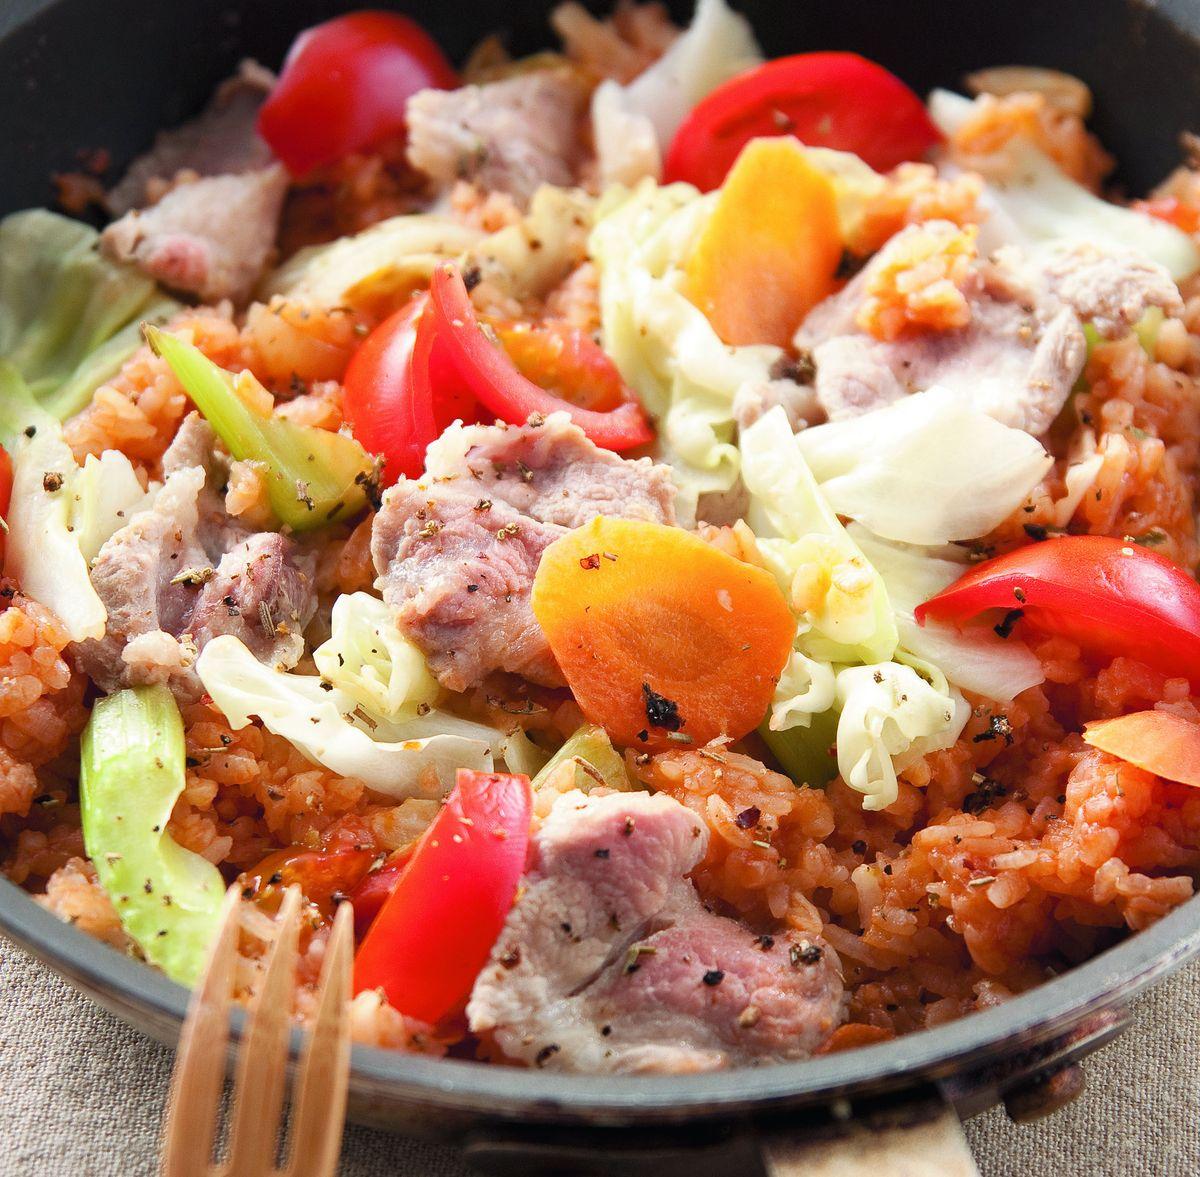 食譜:豬肉蔬菜燉飯